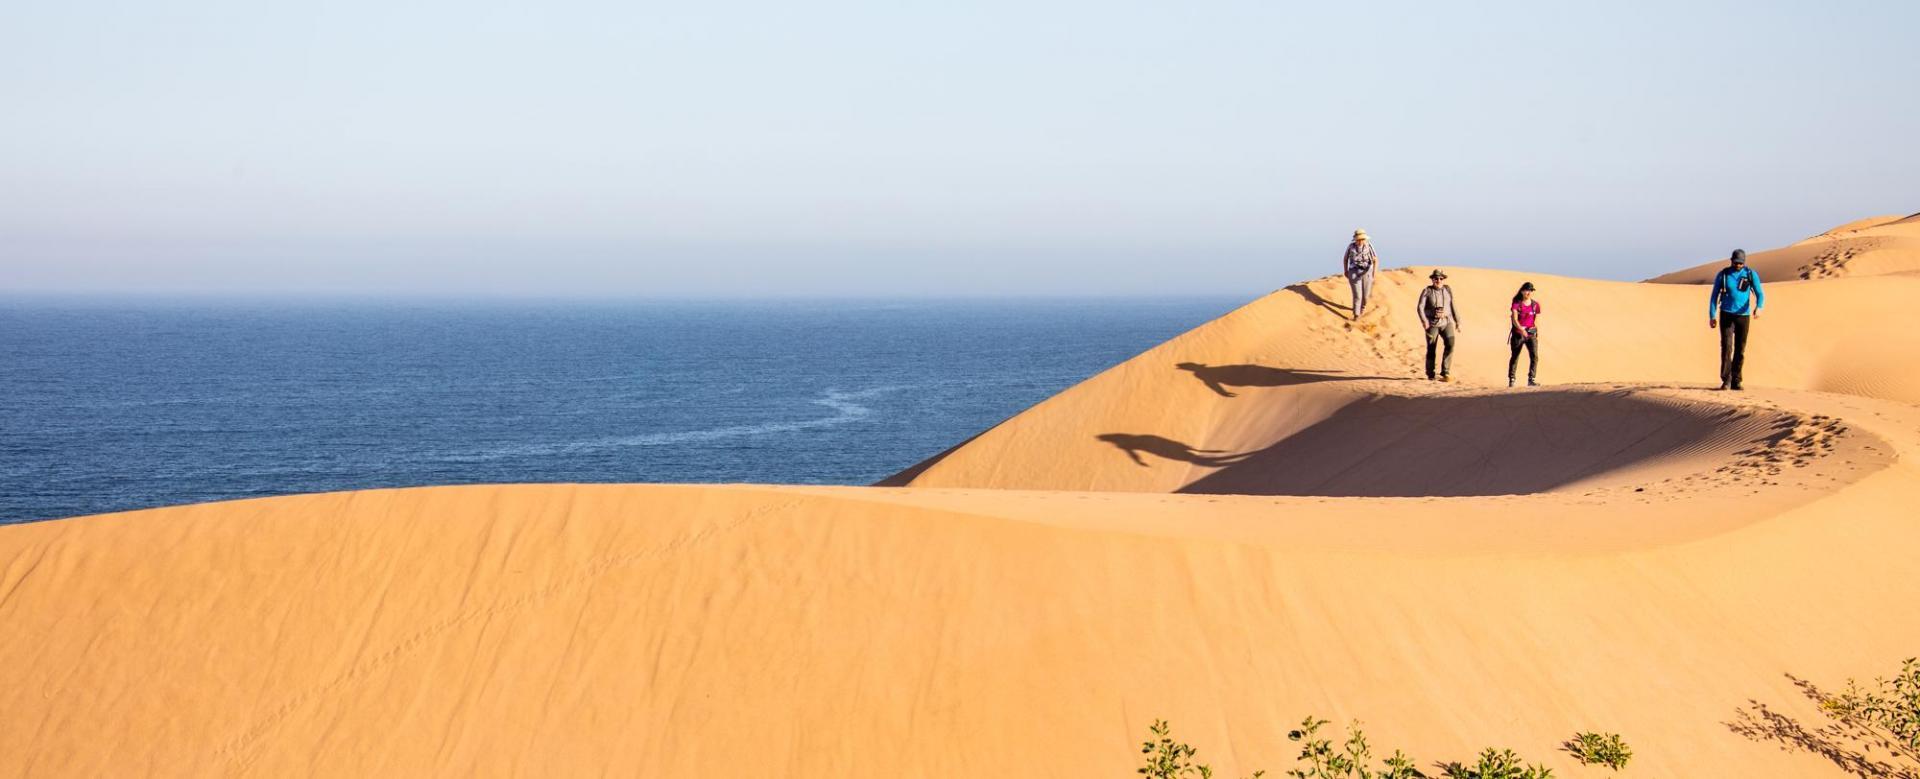 Voyage avec des animaux Maroc : La caravane océane